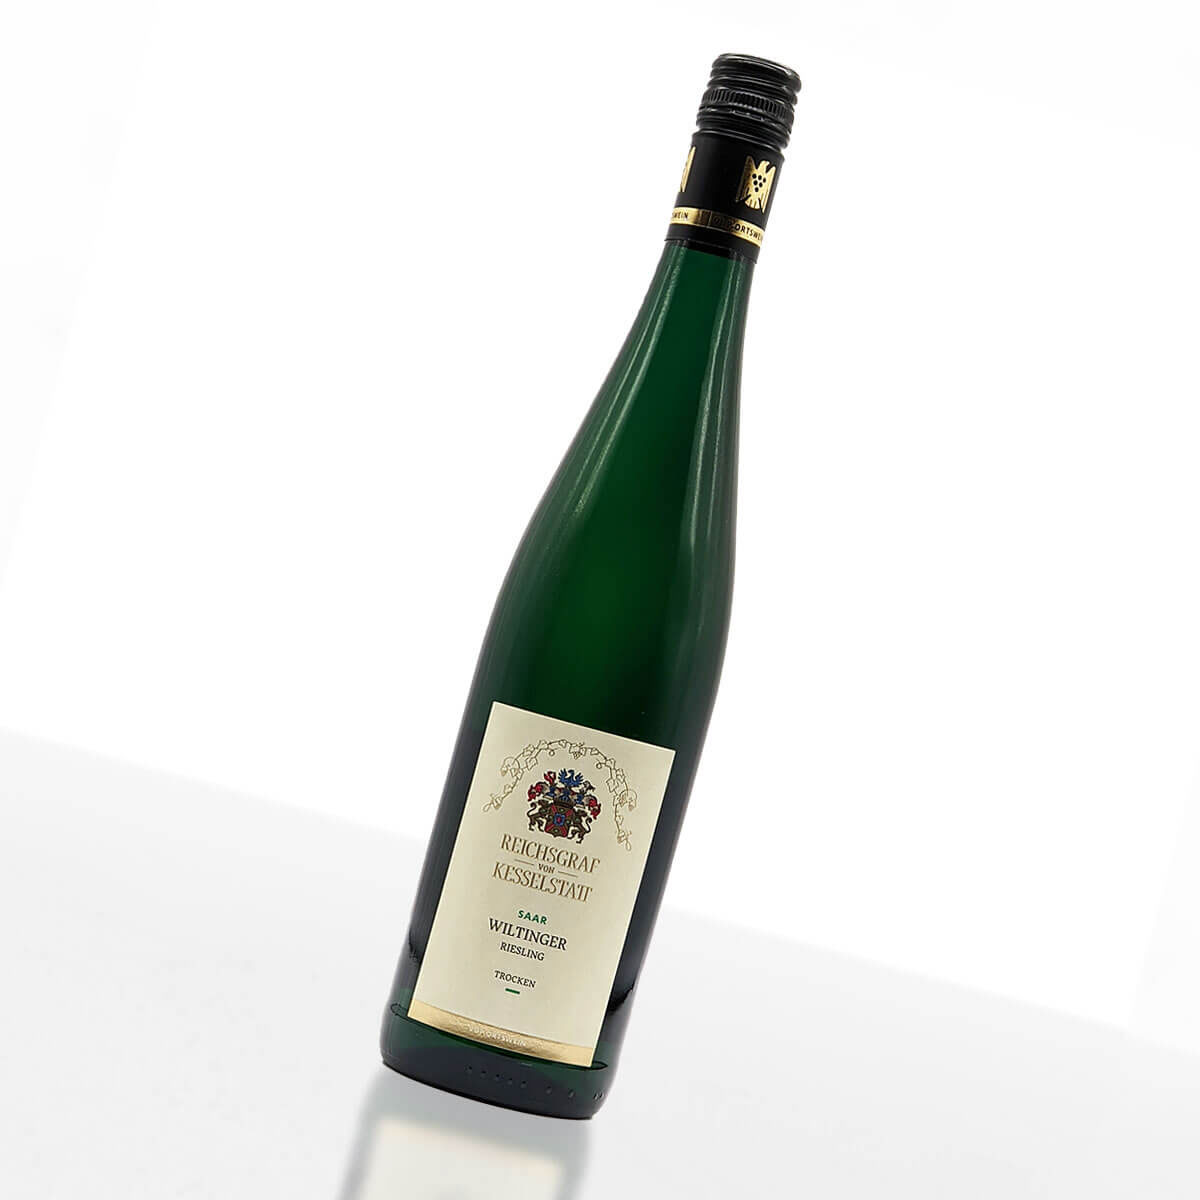 2019er Wiltinger Riesling trocken • Weingut Reichsgraf von Kesselstatt